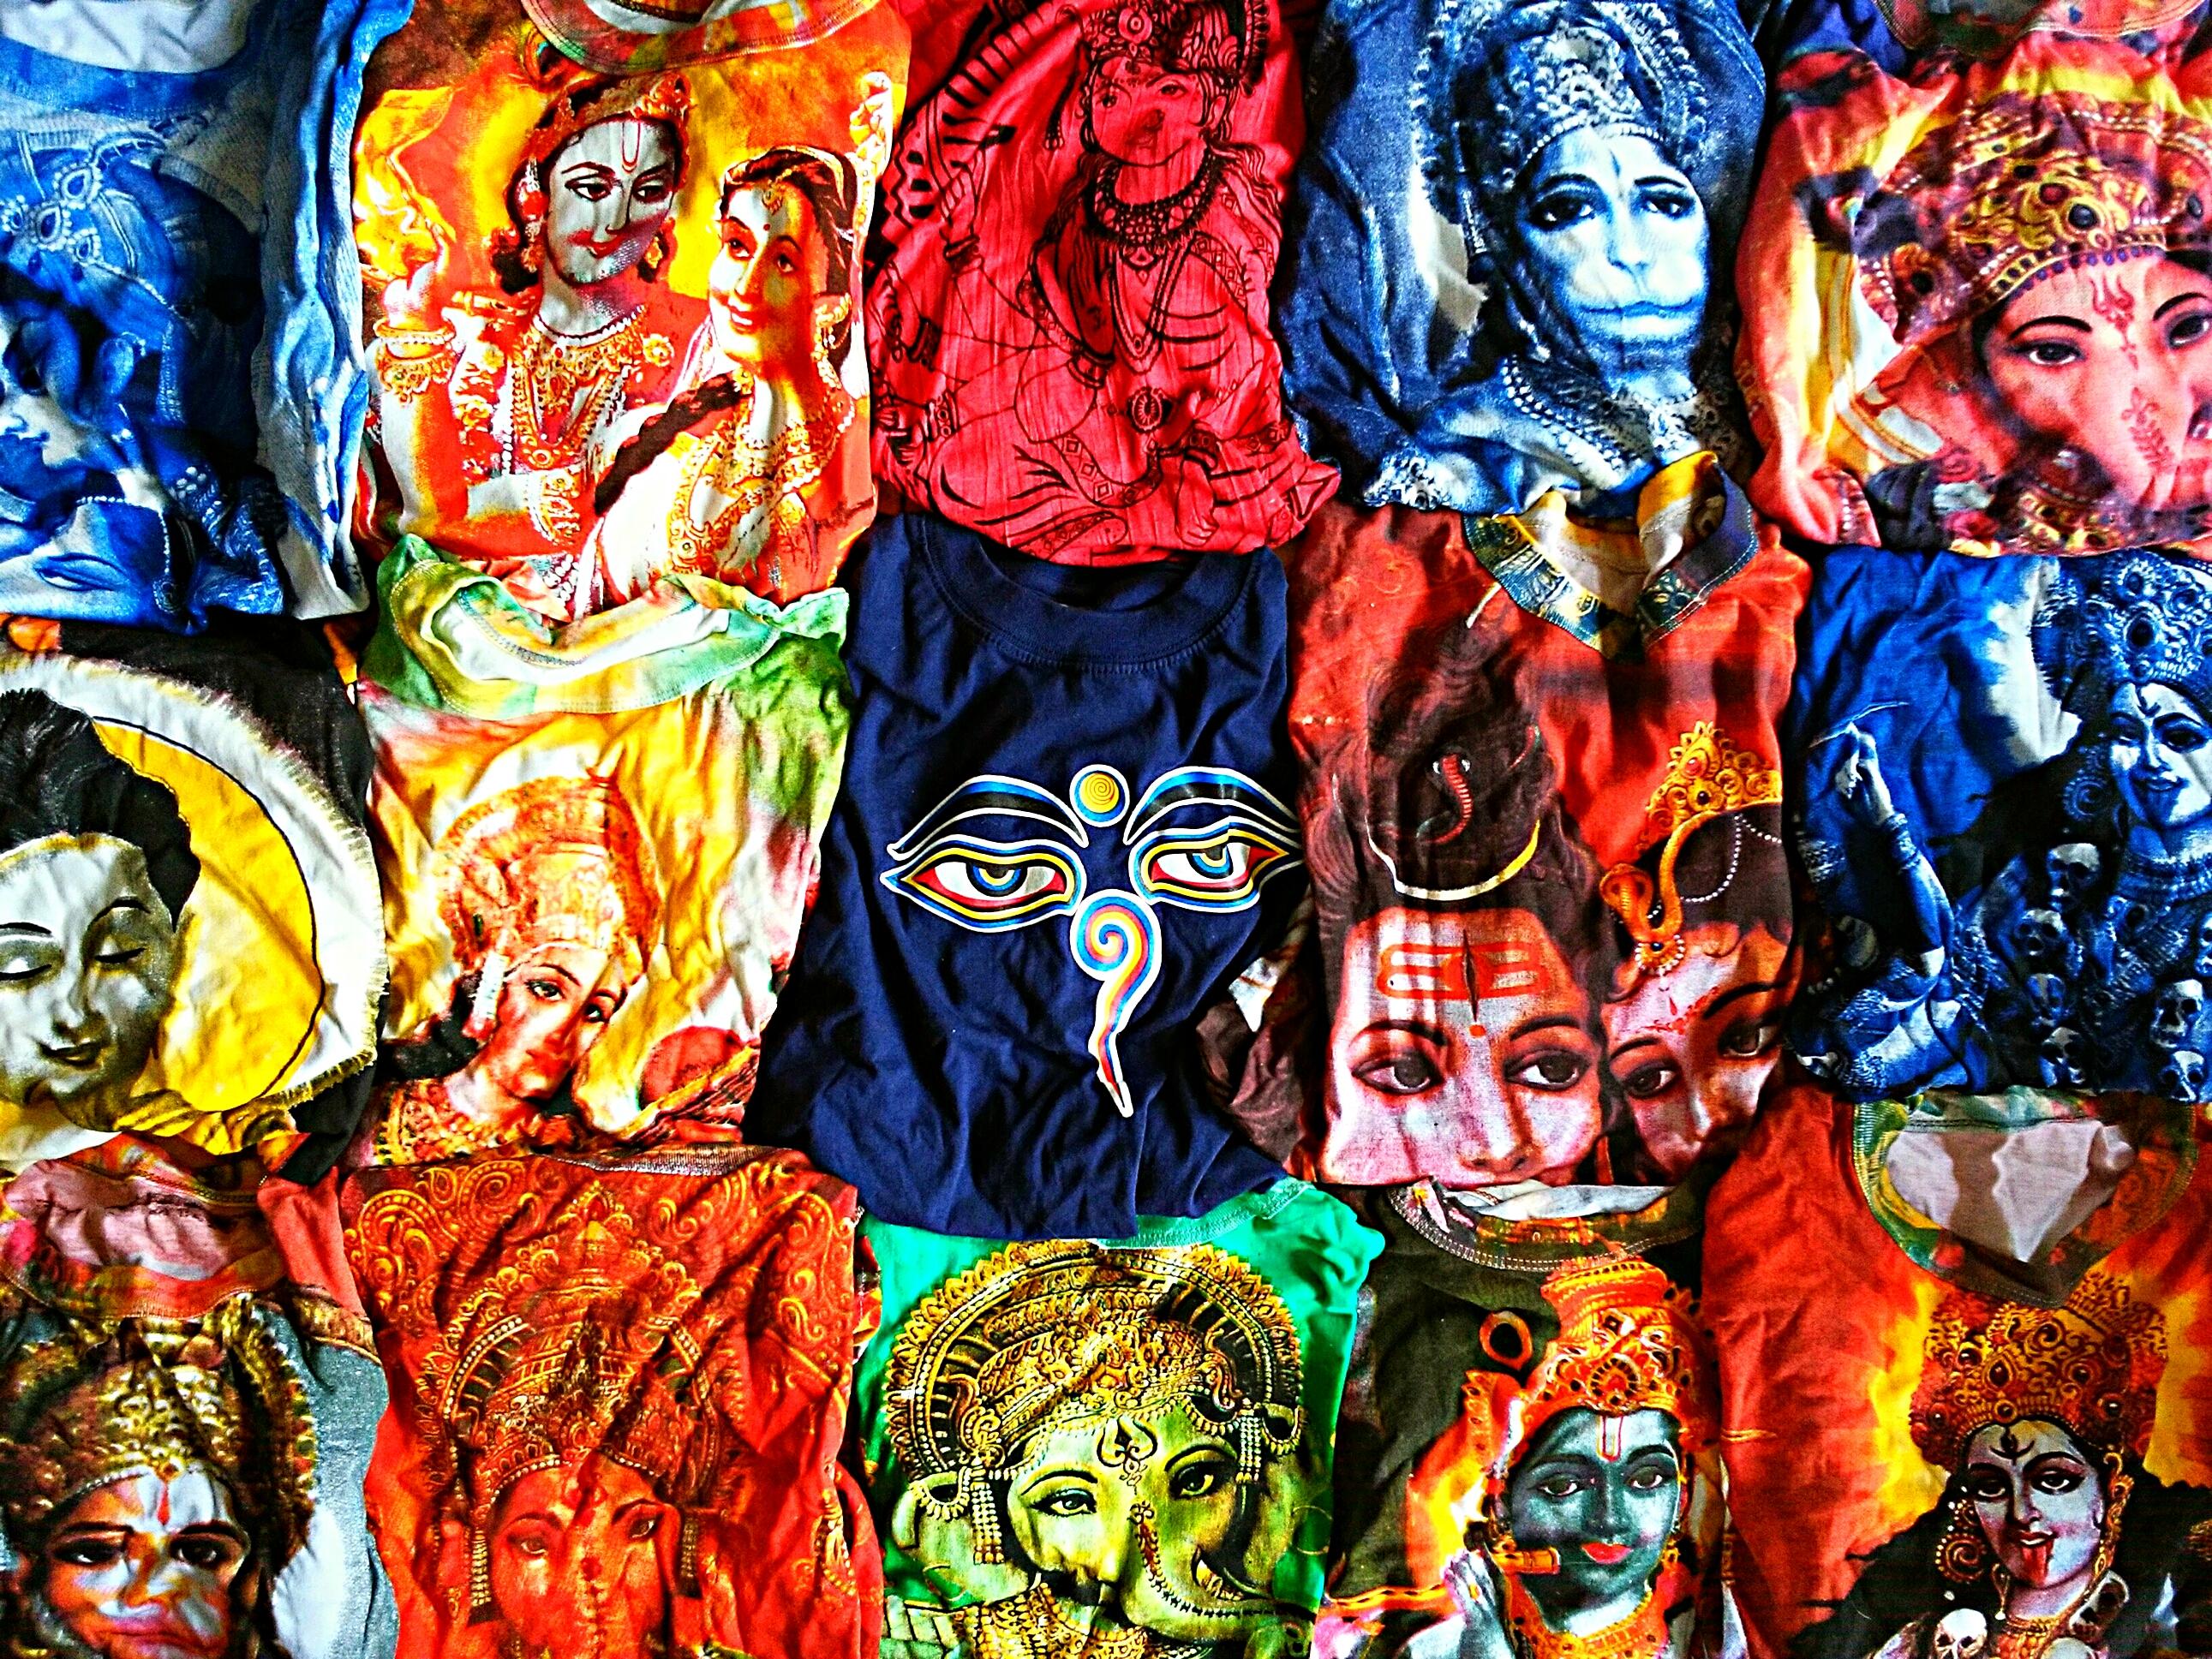 【ファッション上級者向け】仏・神様Tシャツのコーディネイト方法を紹介!